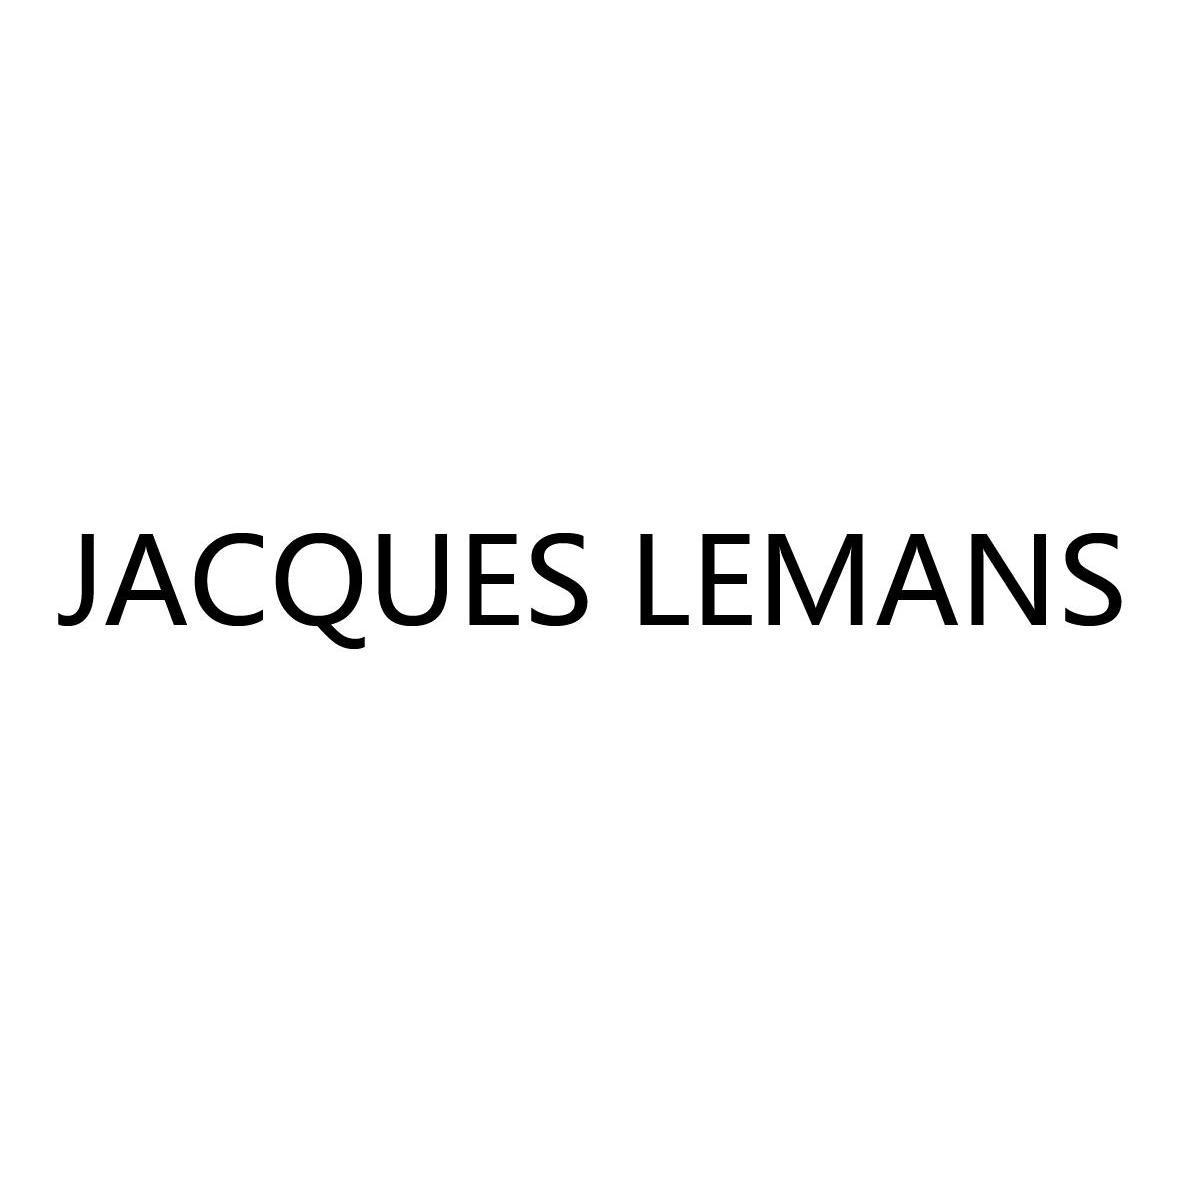 JACQUESLEMANS